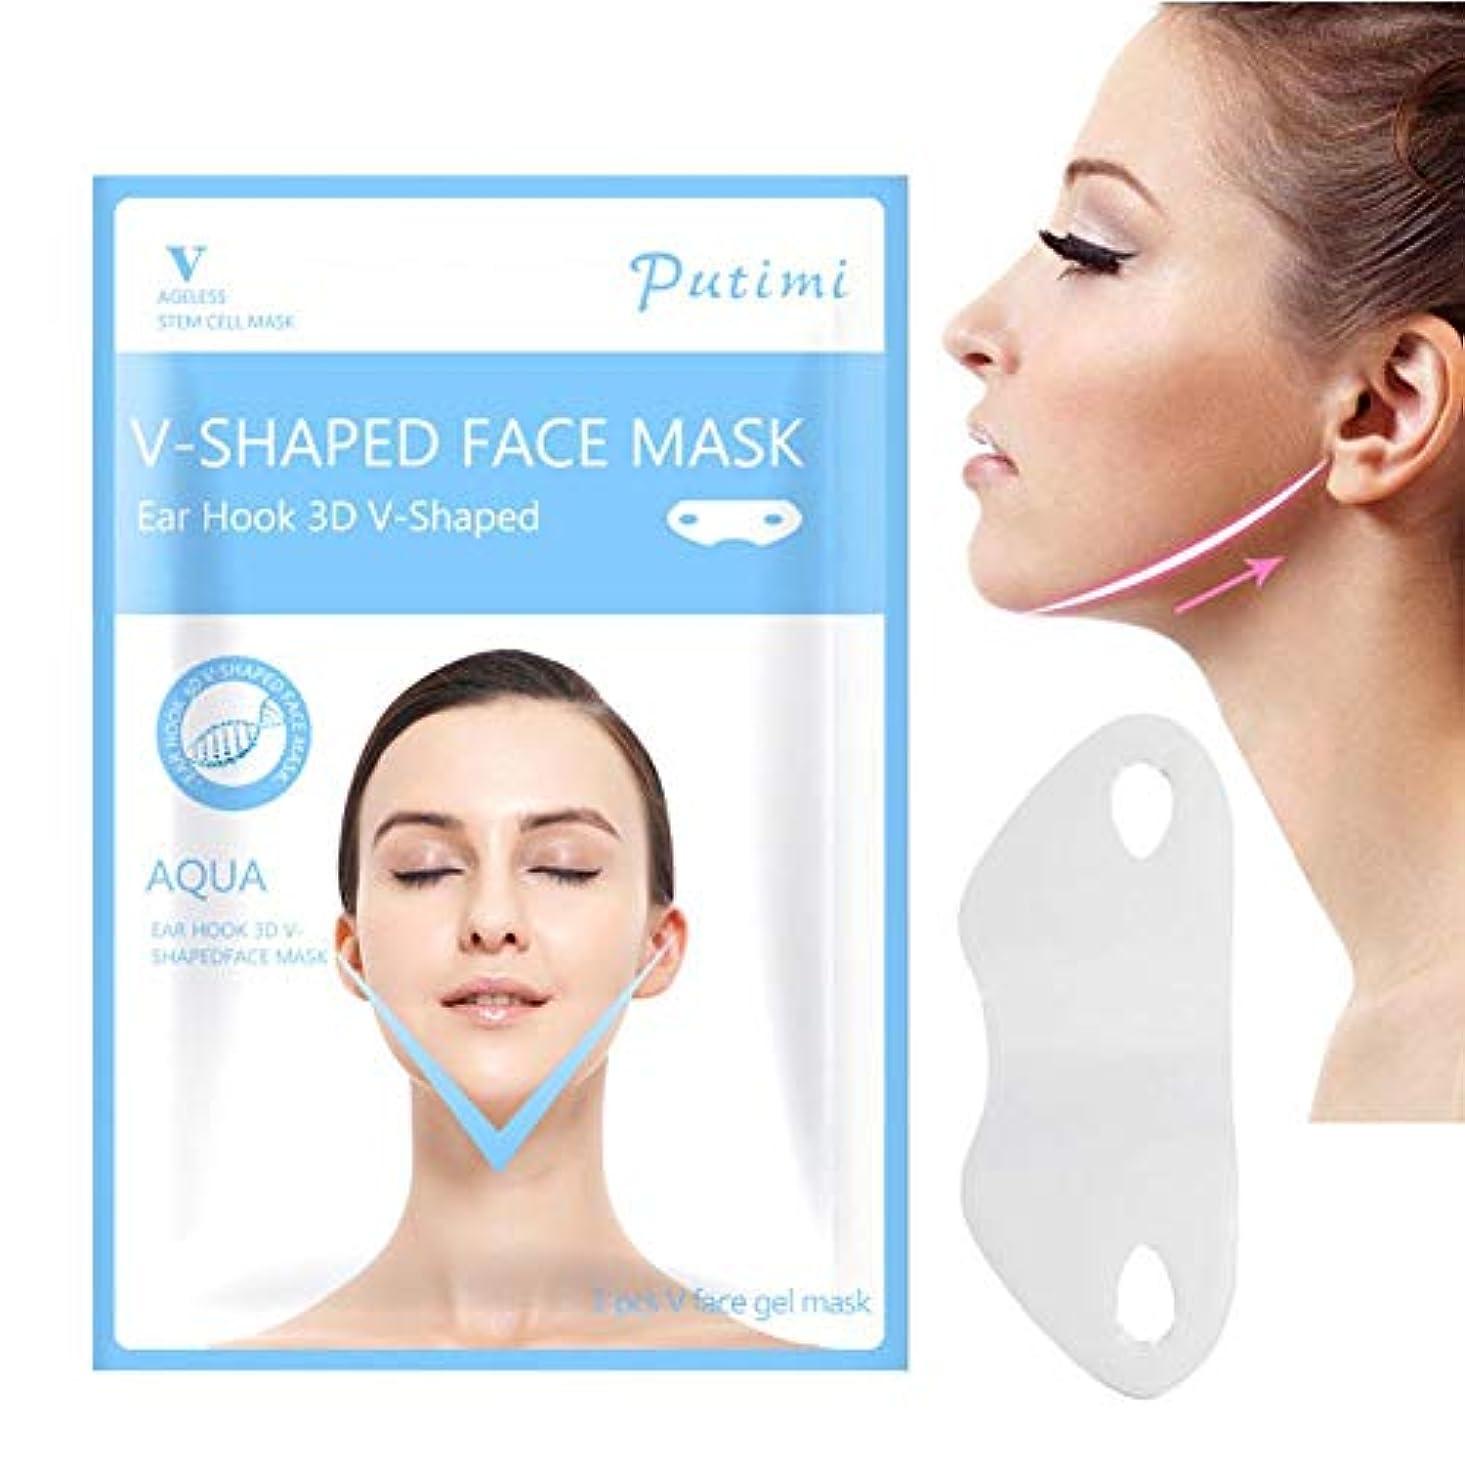 しかし理解する速度SILUN 最新型 Vフェイシャルマスク フェイスマスク 小顔 マスク フェイスラインベルト 美顔 顔痩せ 保湿 血行を促進する 睡眠マスク